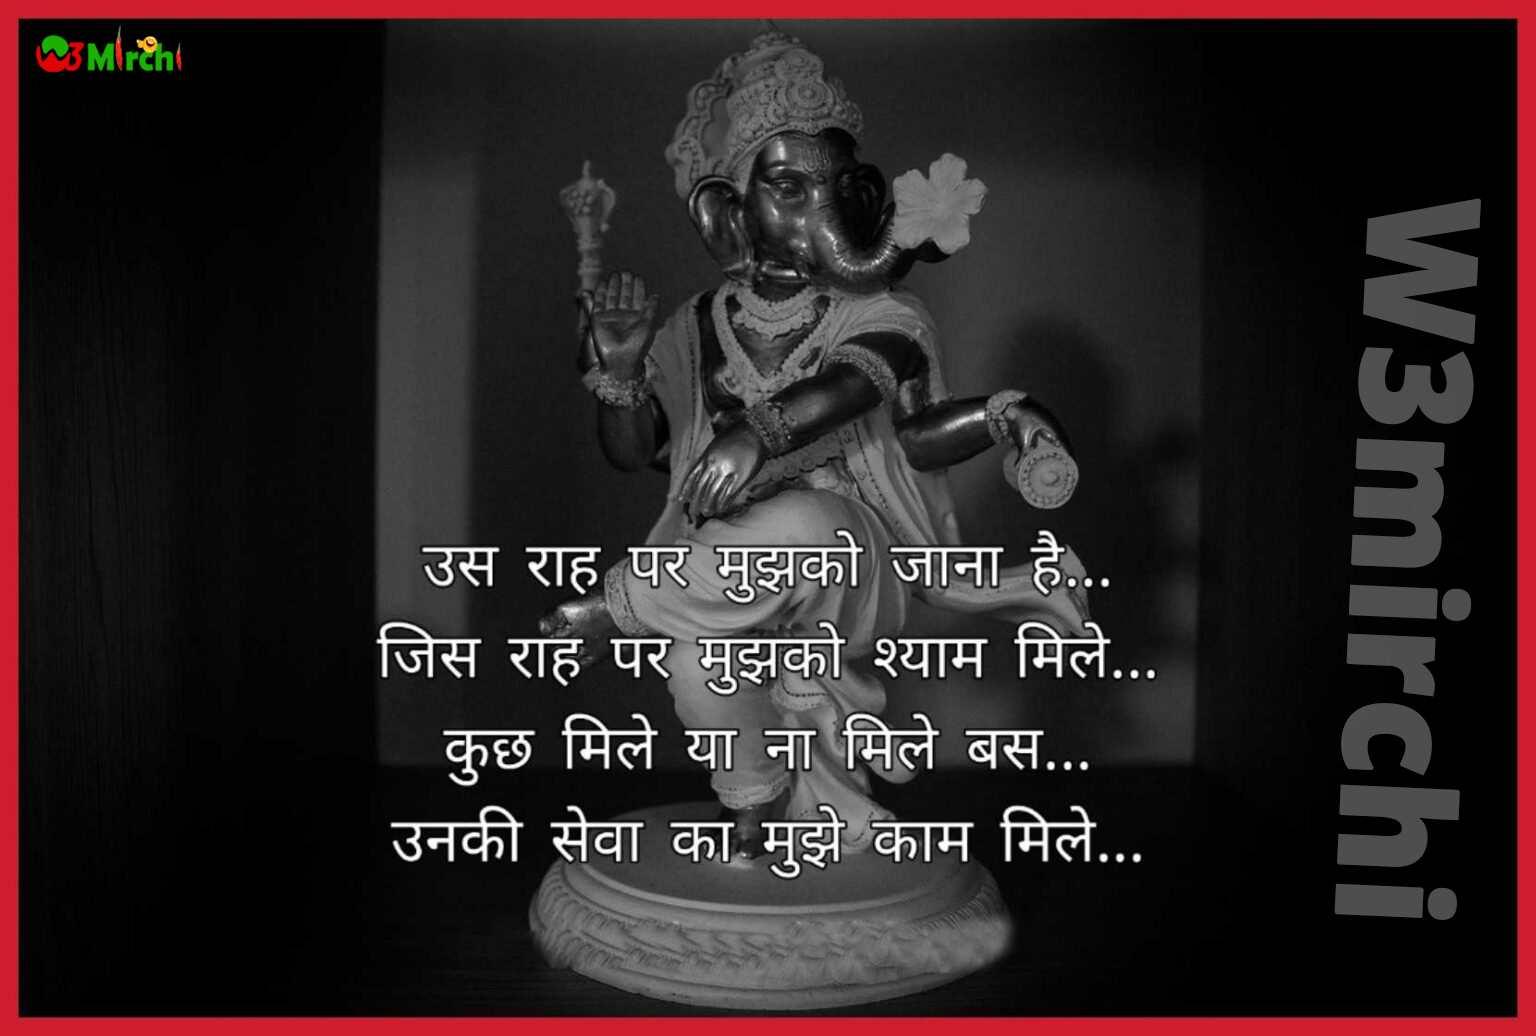 Bhagwan Shayari     उस राह पर मुझको जाना है…